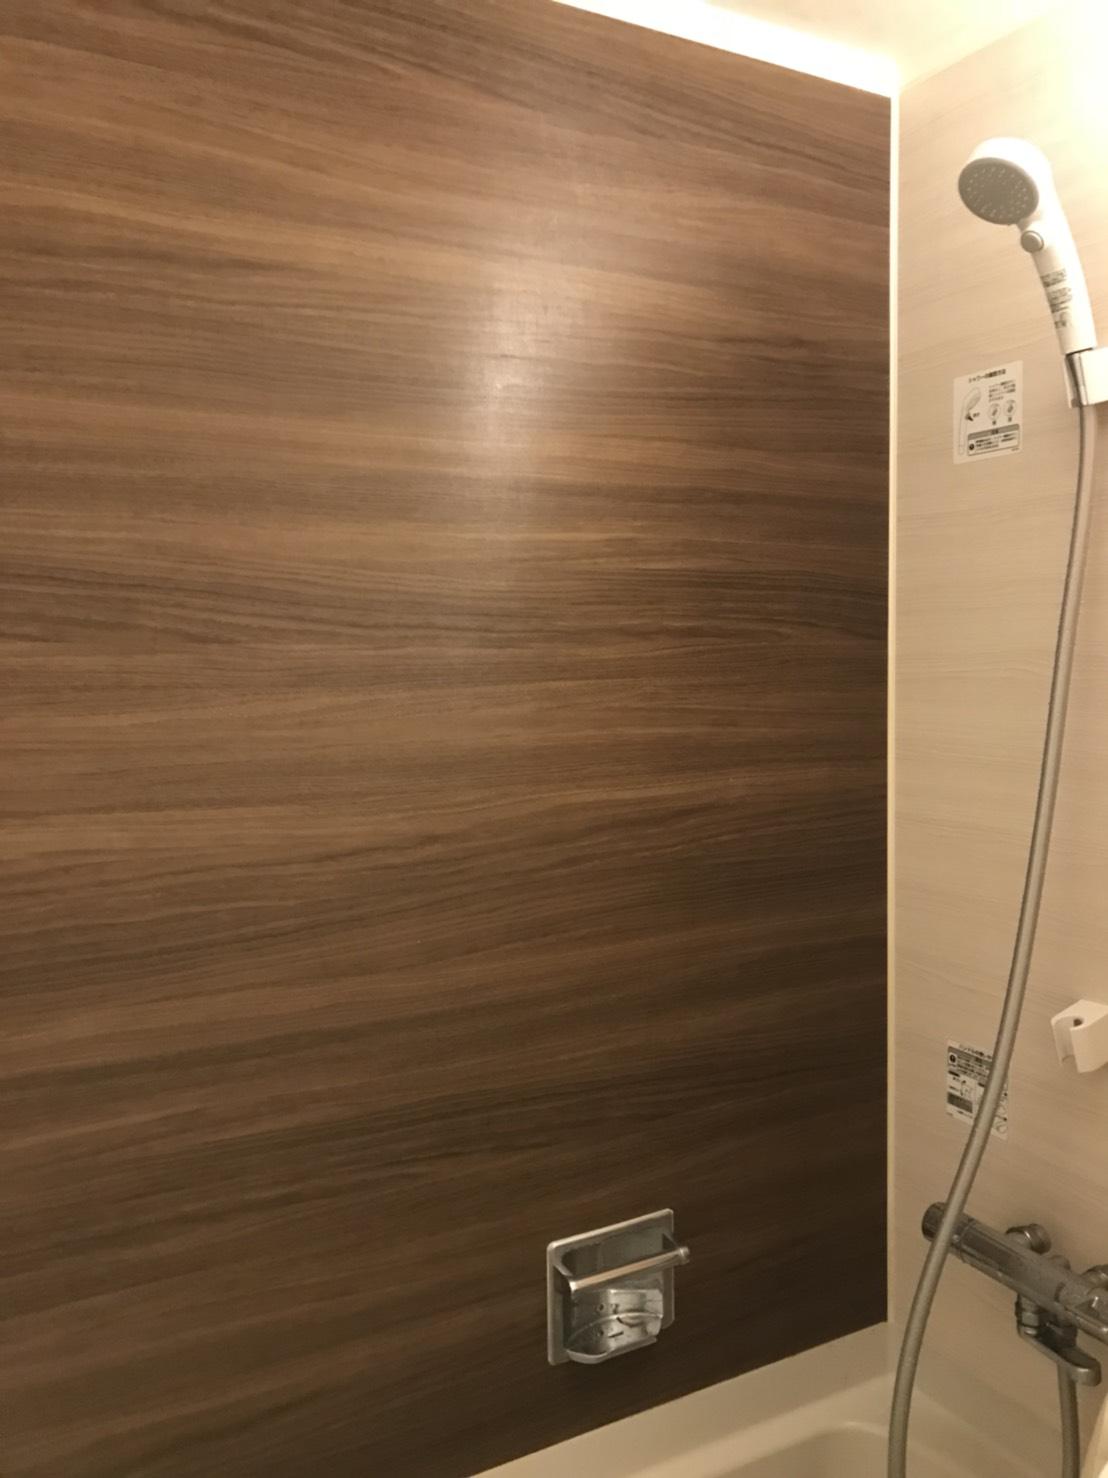 東京都某ホテル ダイノックシート ネオシリーズ施工事例